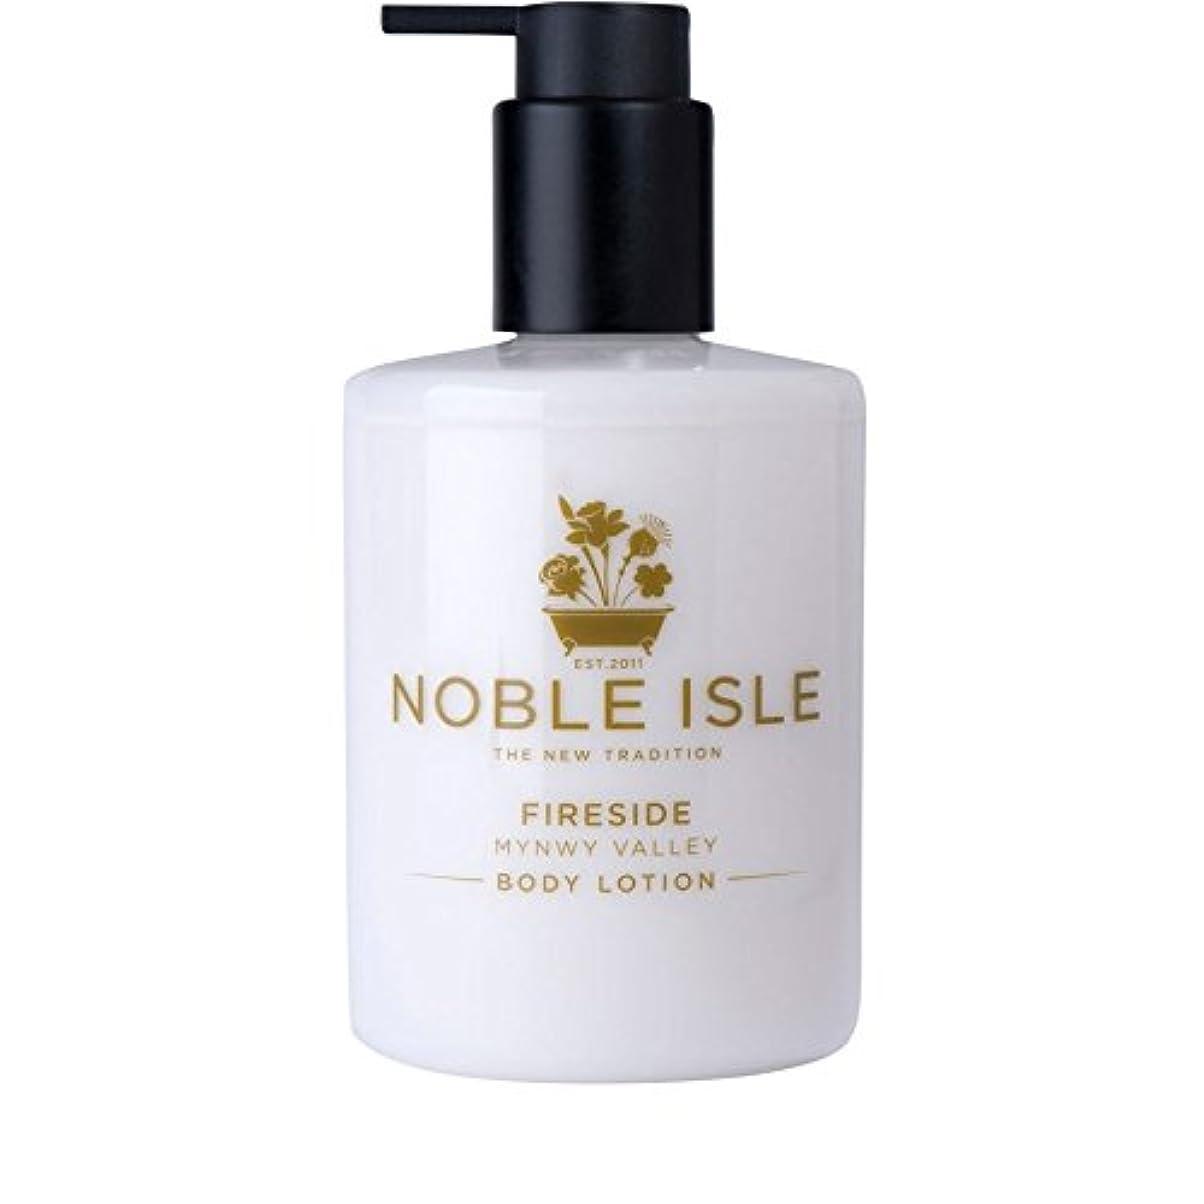 バナーデッドロック額Noble Isle Fireside Mynwy Valley Body Lotion 250ml - 高貴な島炉端谷のボディローション250ミリリットル [並行輸入品]